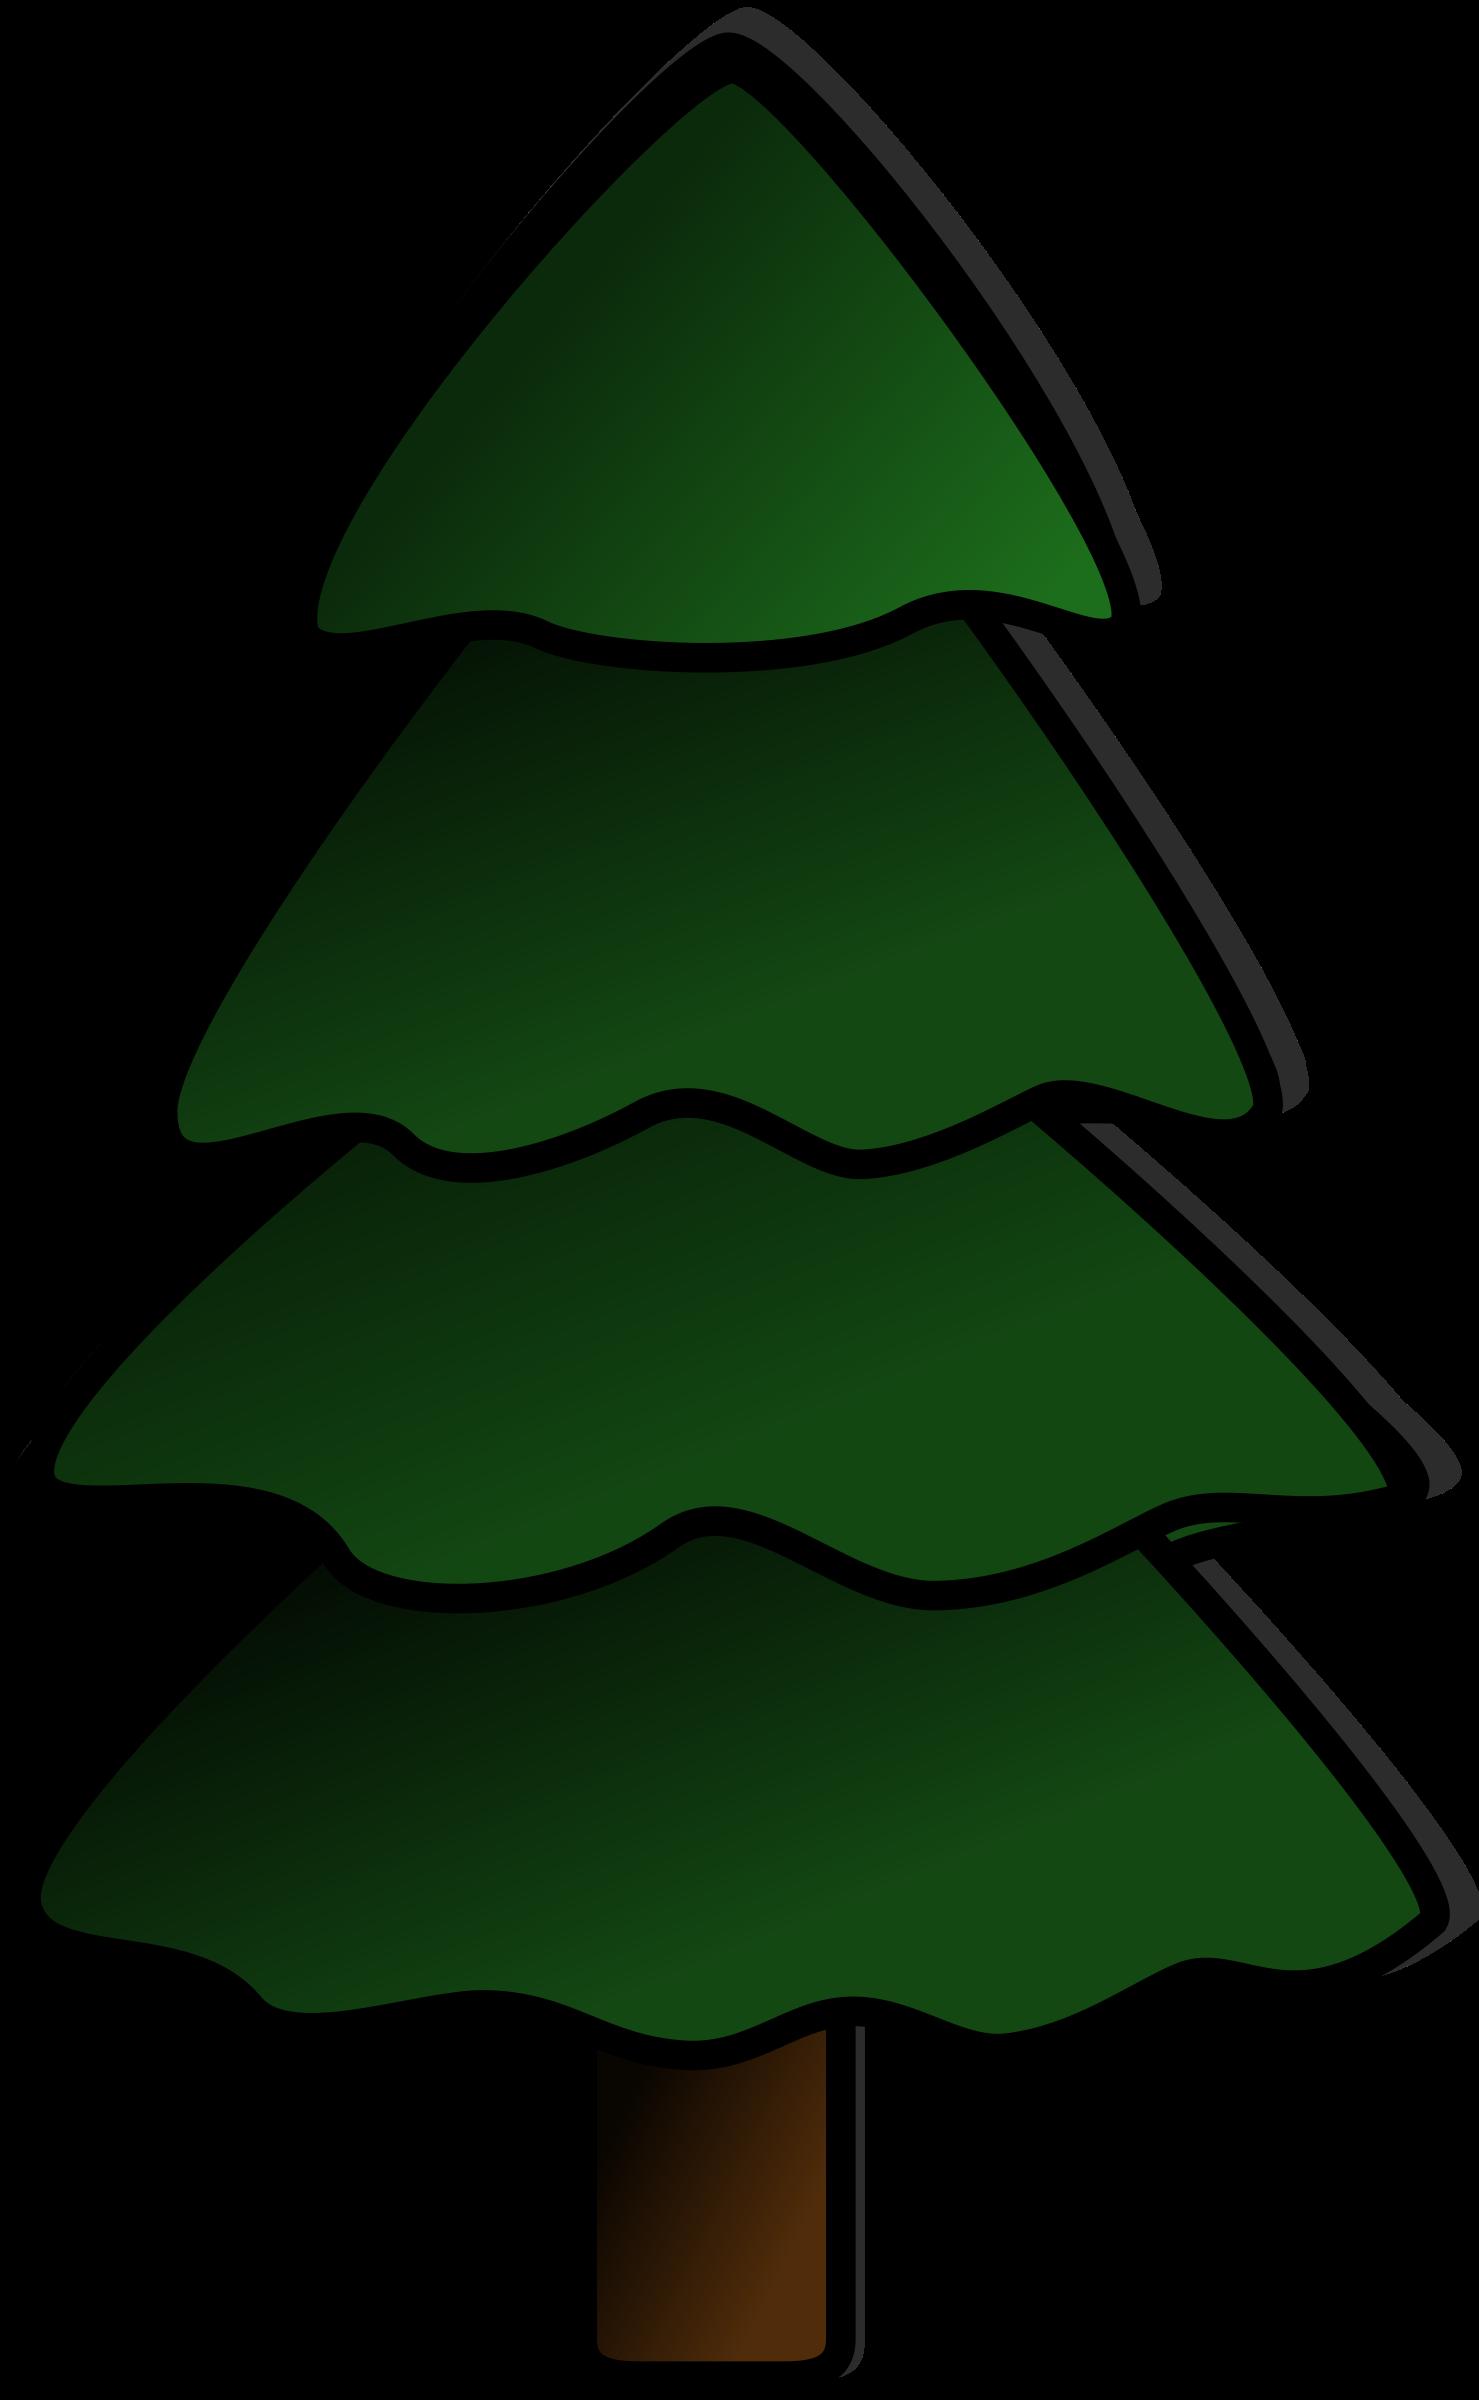 Clipart - Tree